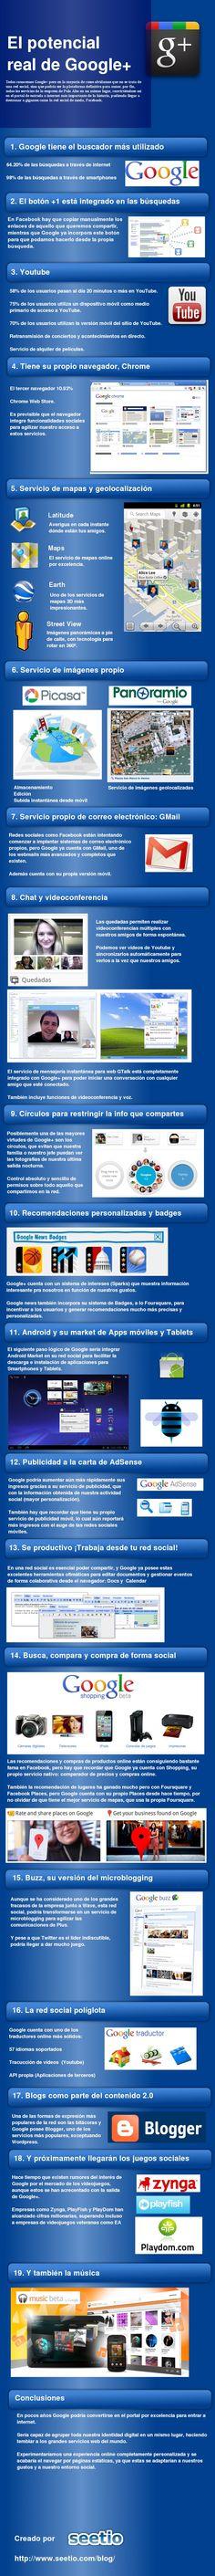 El potencial de Google+ para unir los servicios de Google (Español)